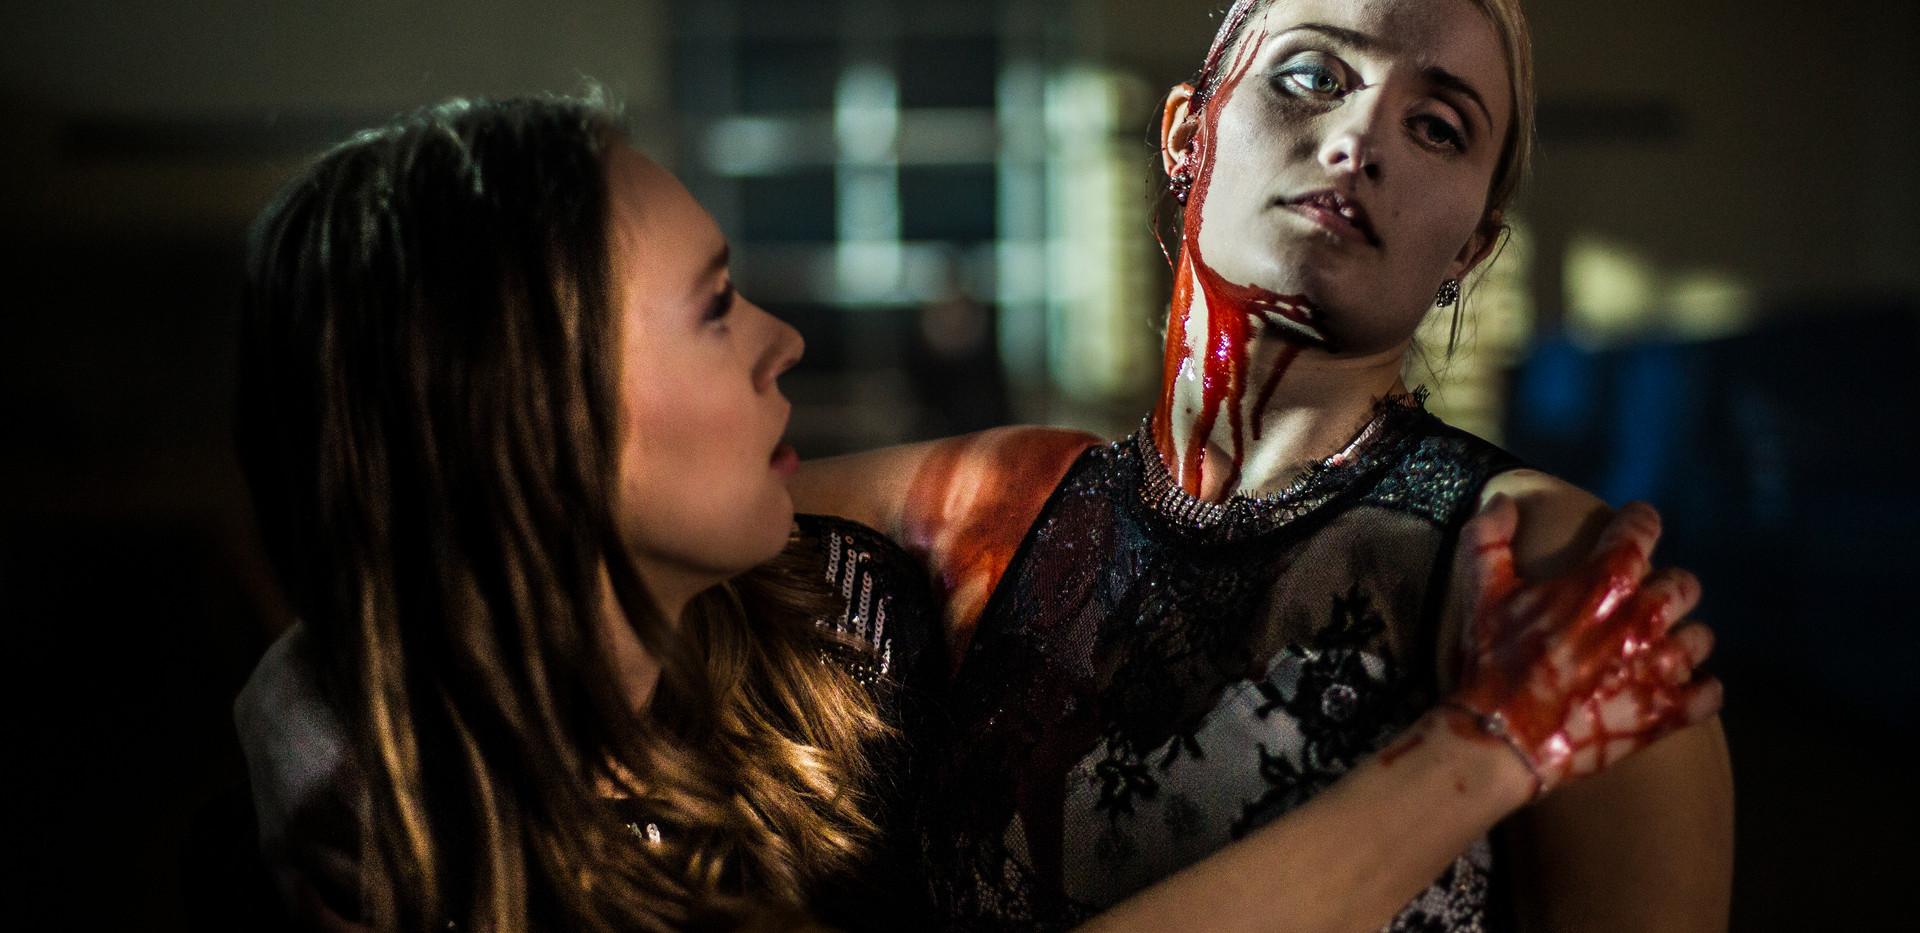 actresses in blood hallway.jpg